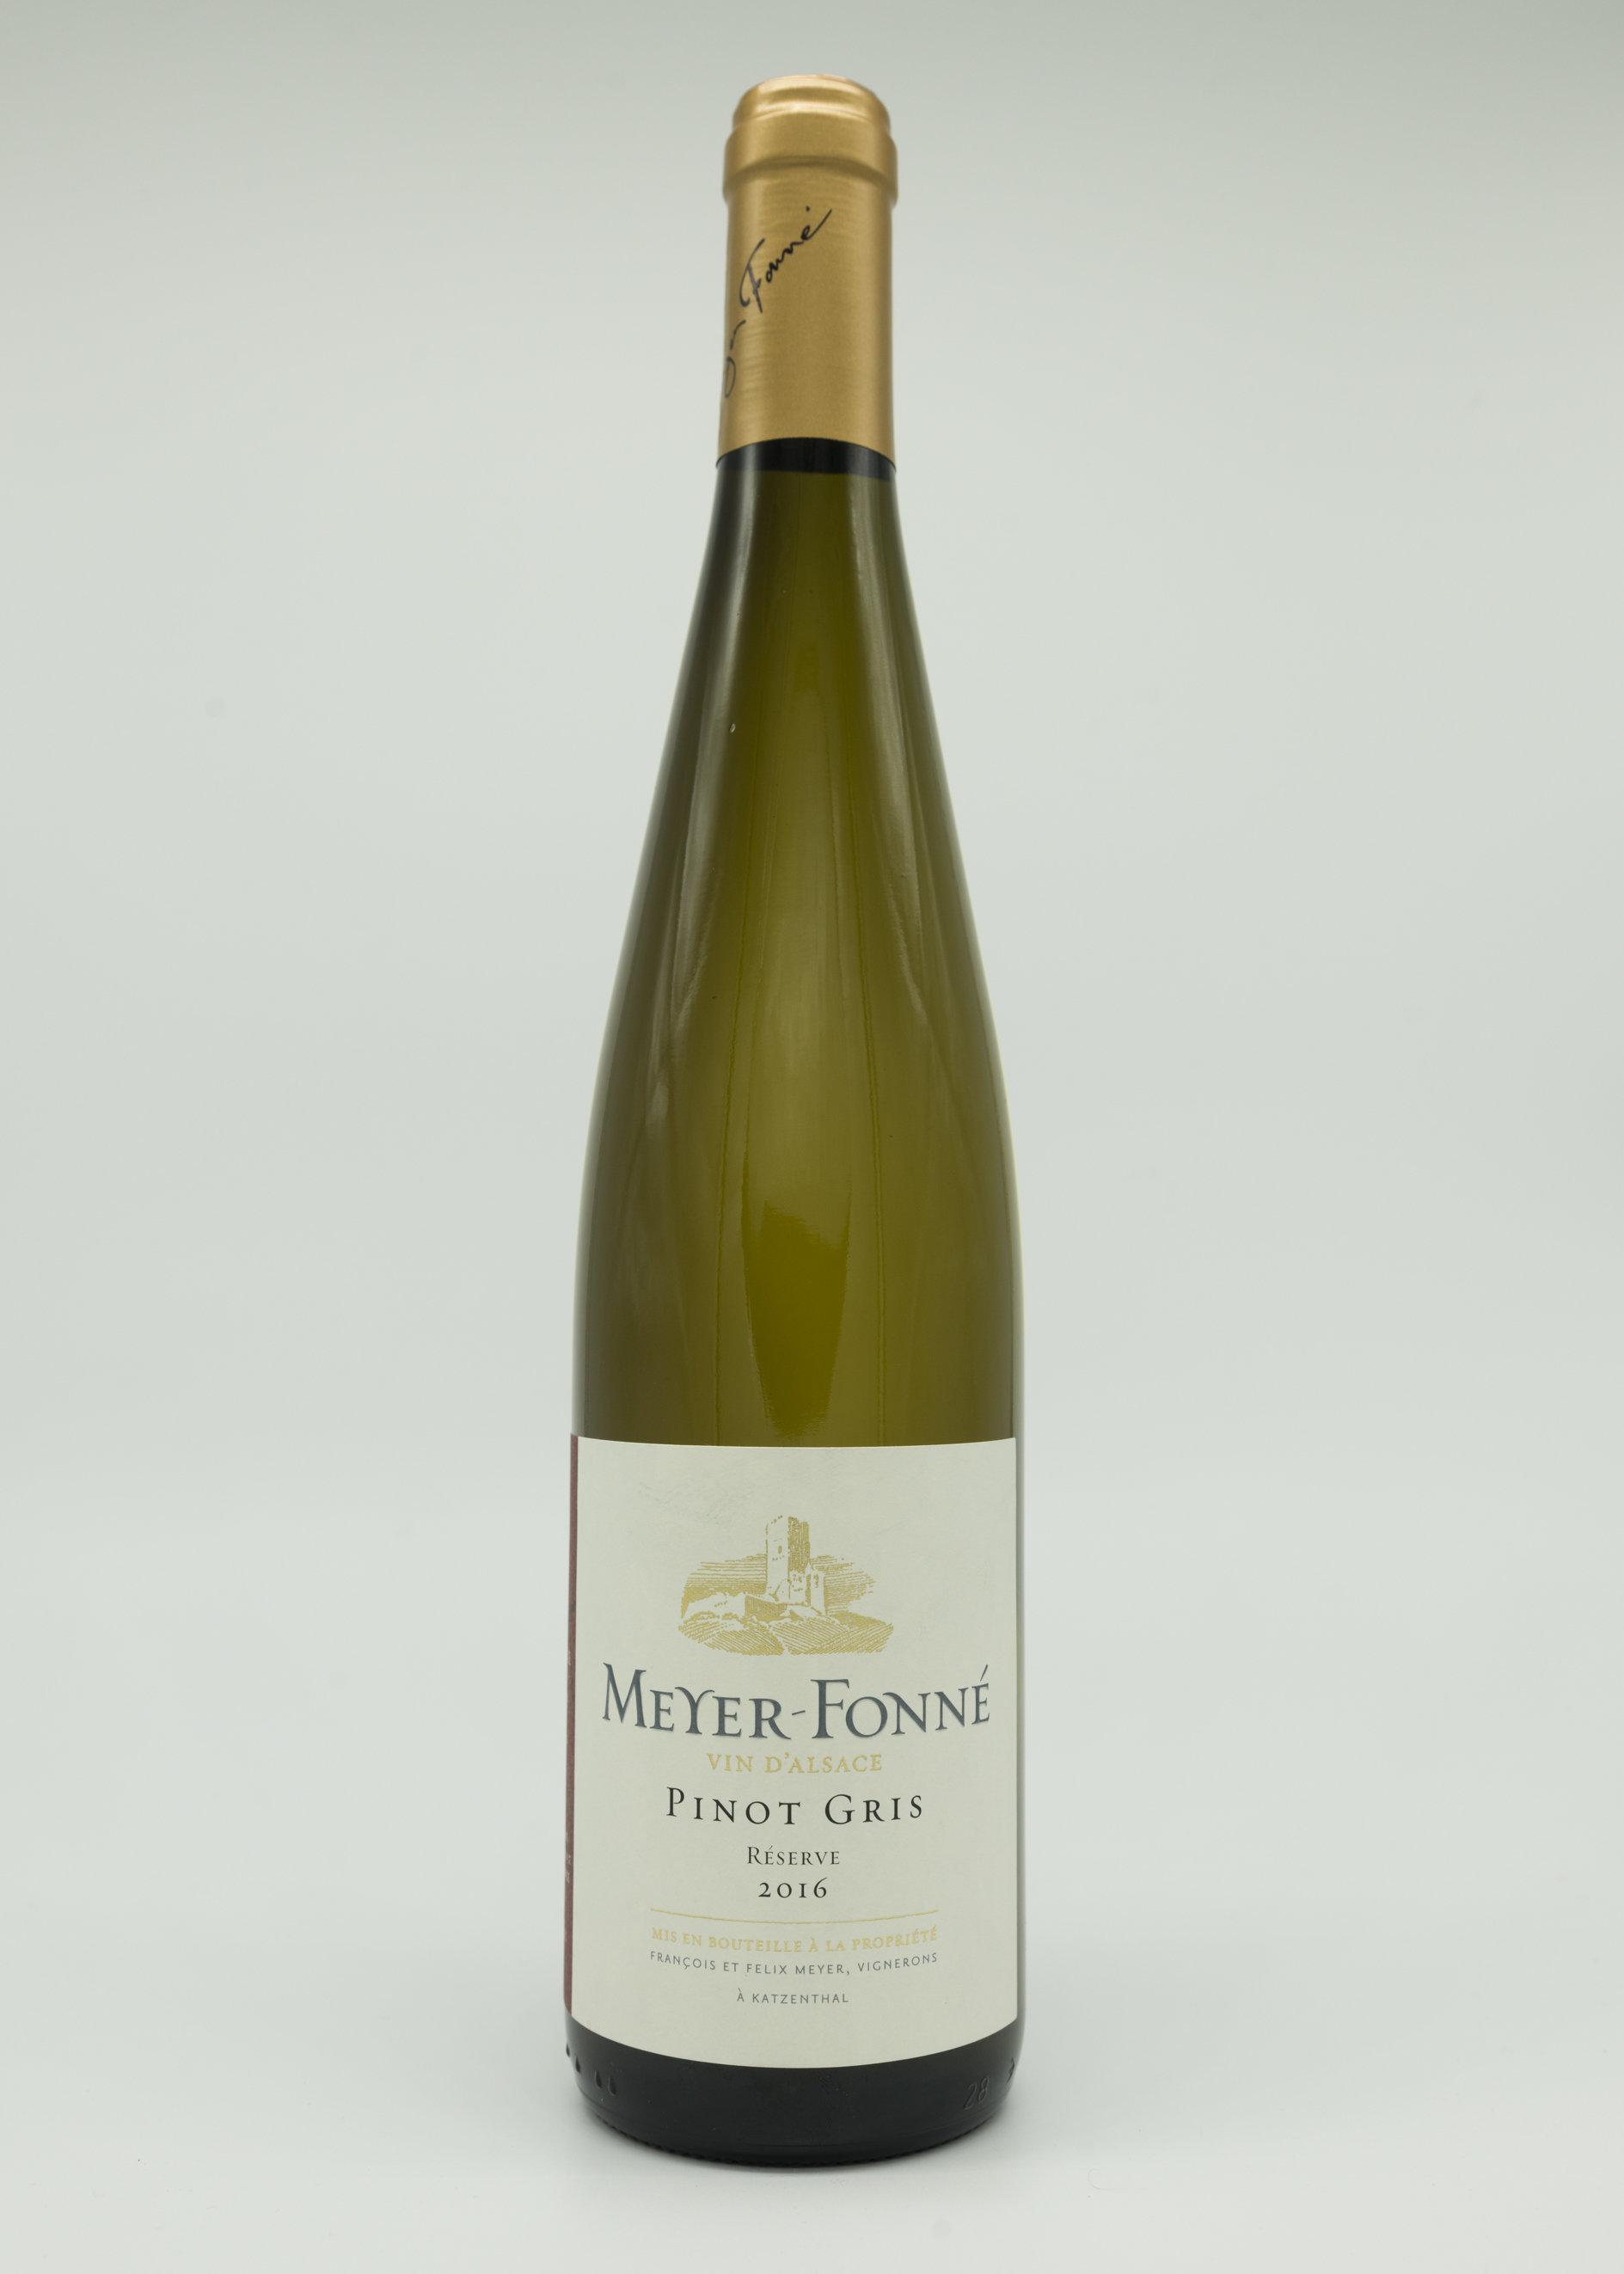 Meyer Fonne Pinot Gris Reserve 2017 00060